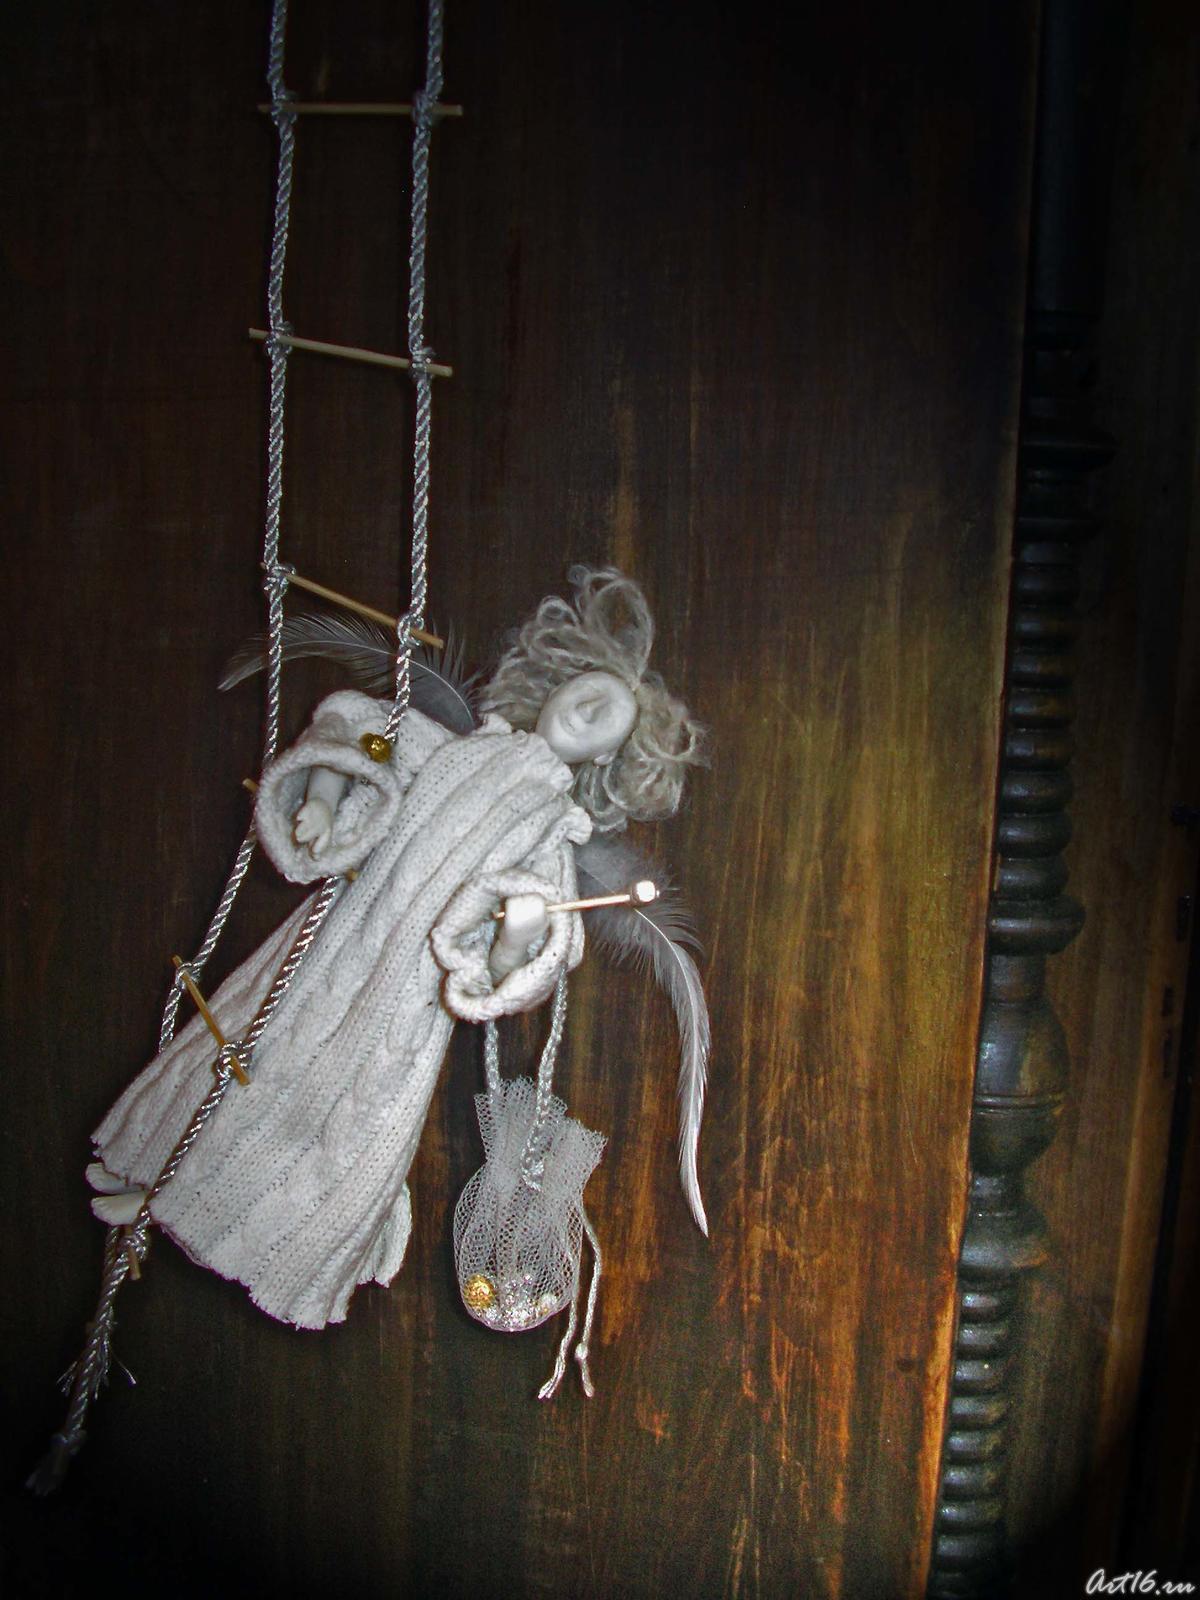 Фото №1770. Фрагмент экспозиции «Вертеп» 2007 Ермолина Елена, Юсупова Марина